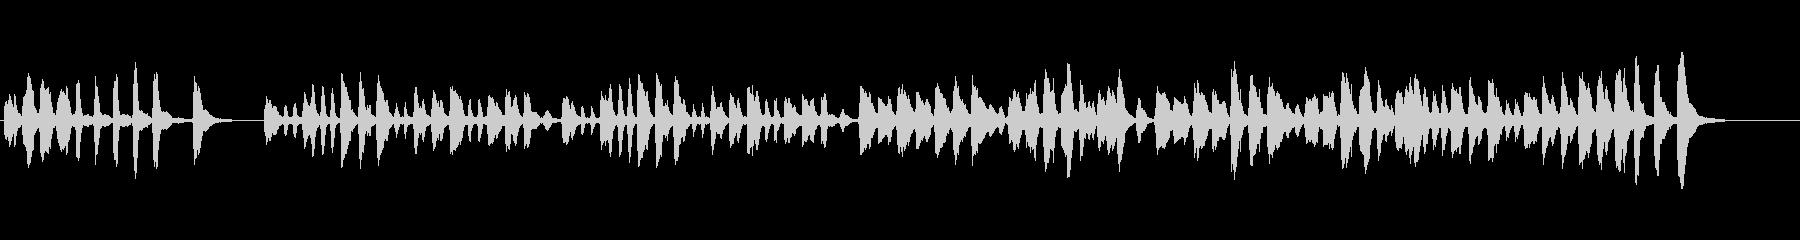 ブルグミュラーの「せきれい」の未再生の波形